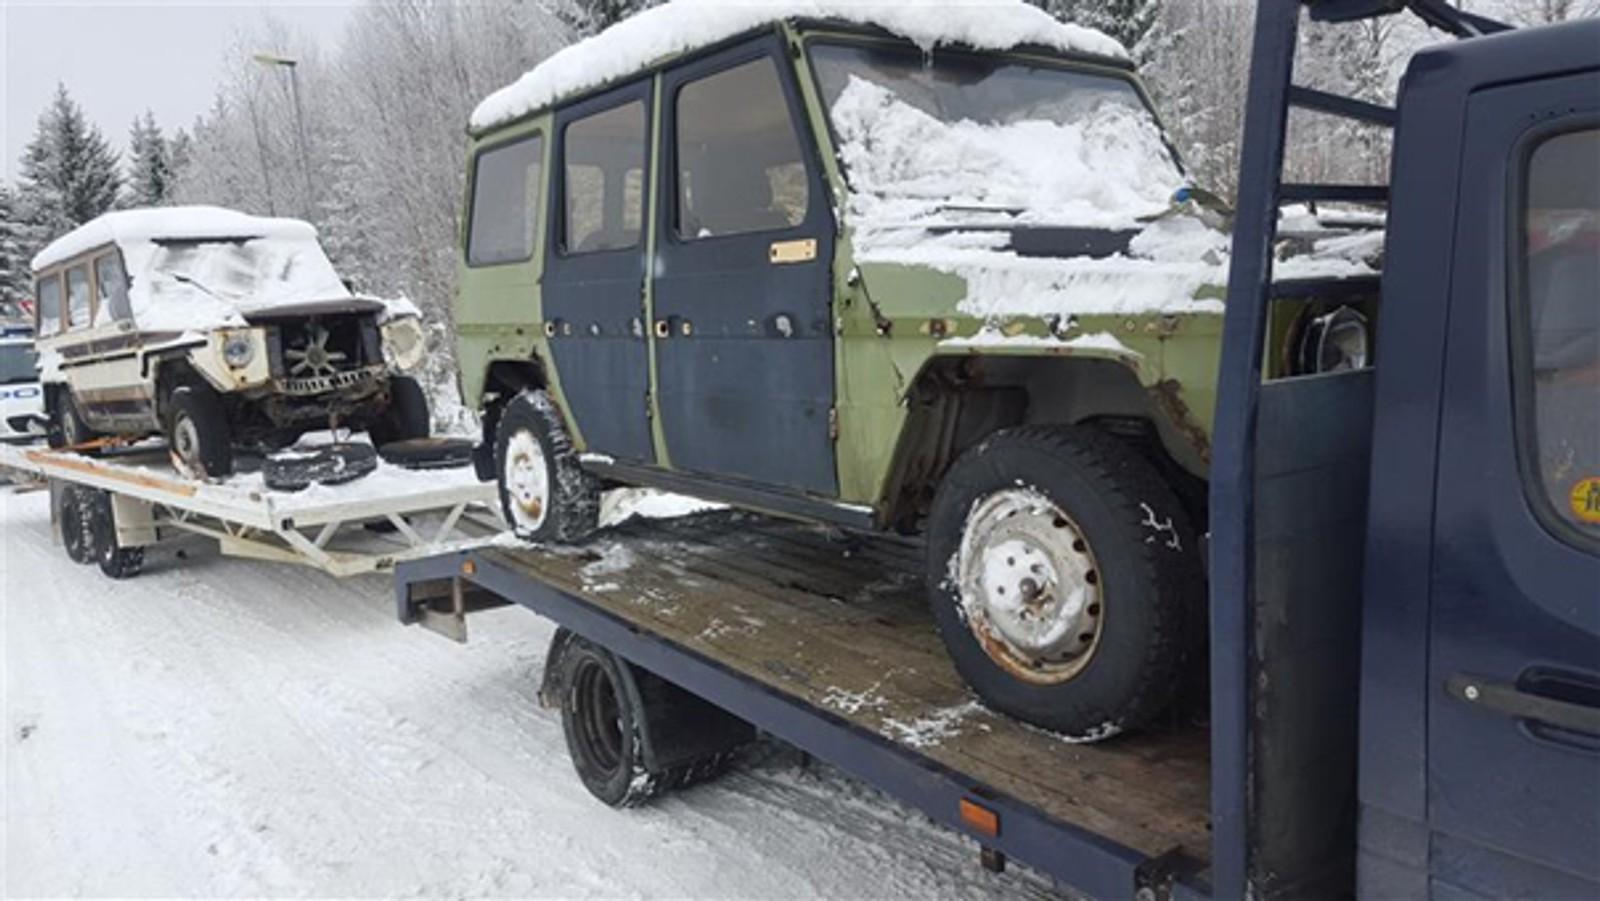 Et nederlansk kjøretøy ble stoppet i Elverum på tirsdag, der det meste var feil. Kjøretøyet var lastet med to eldre biler. De var svært dårlig sikret.